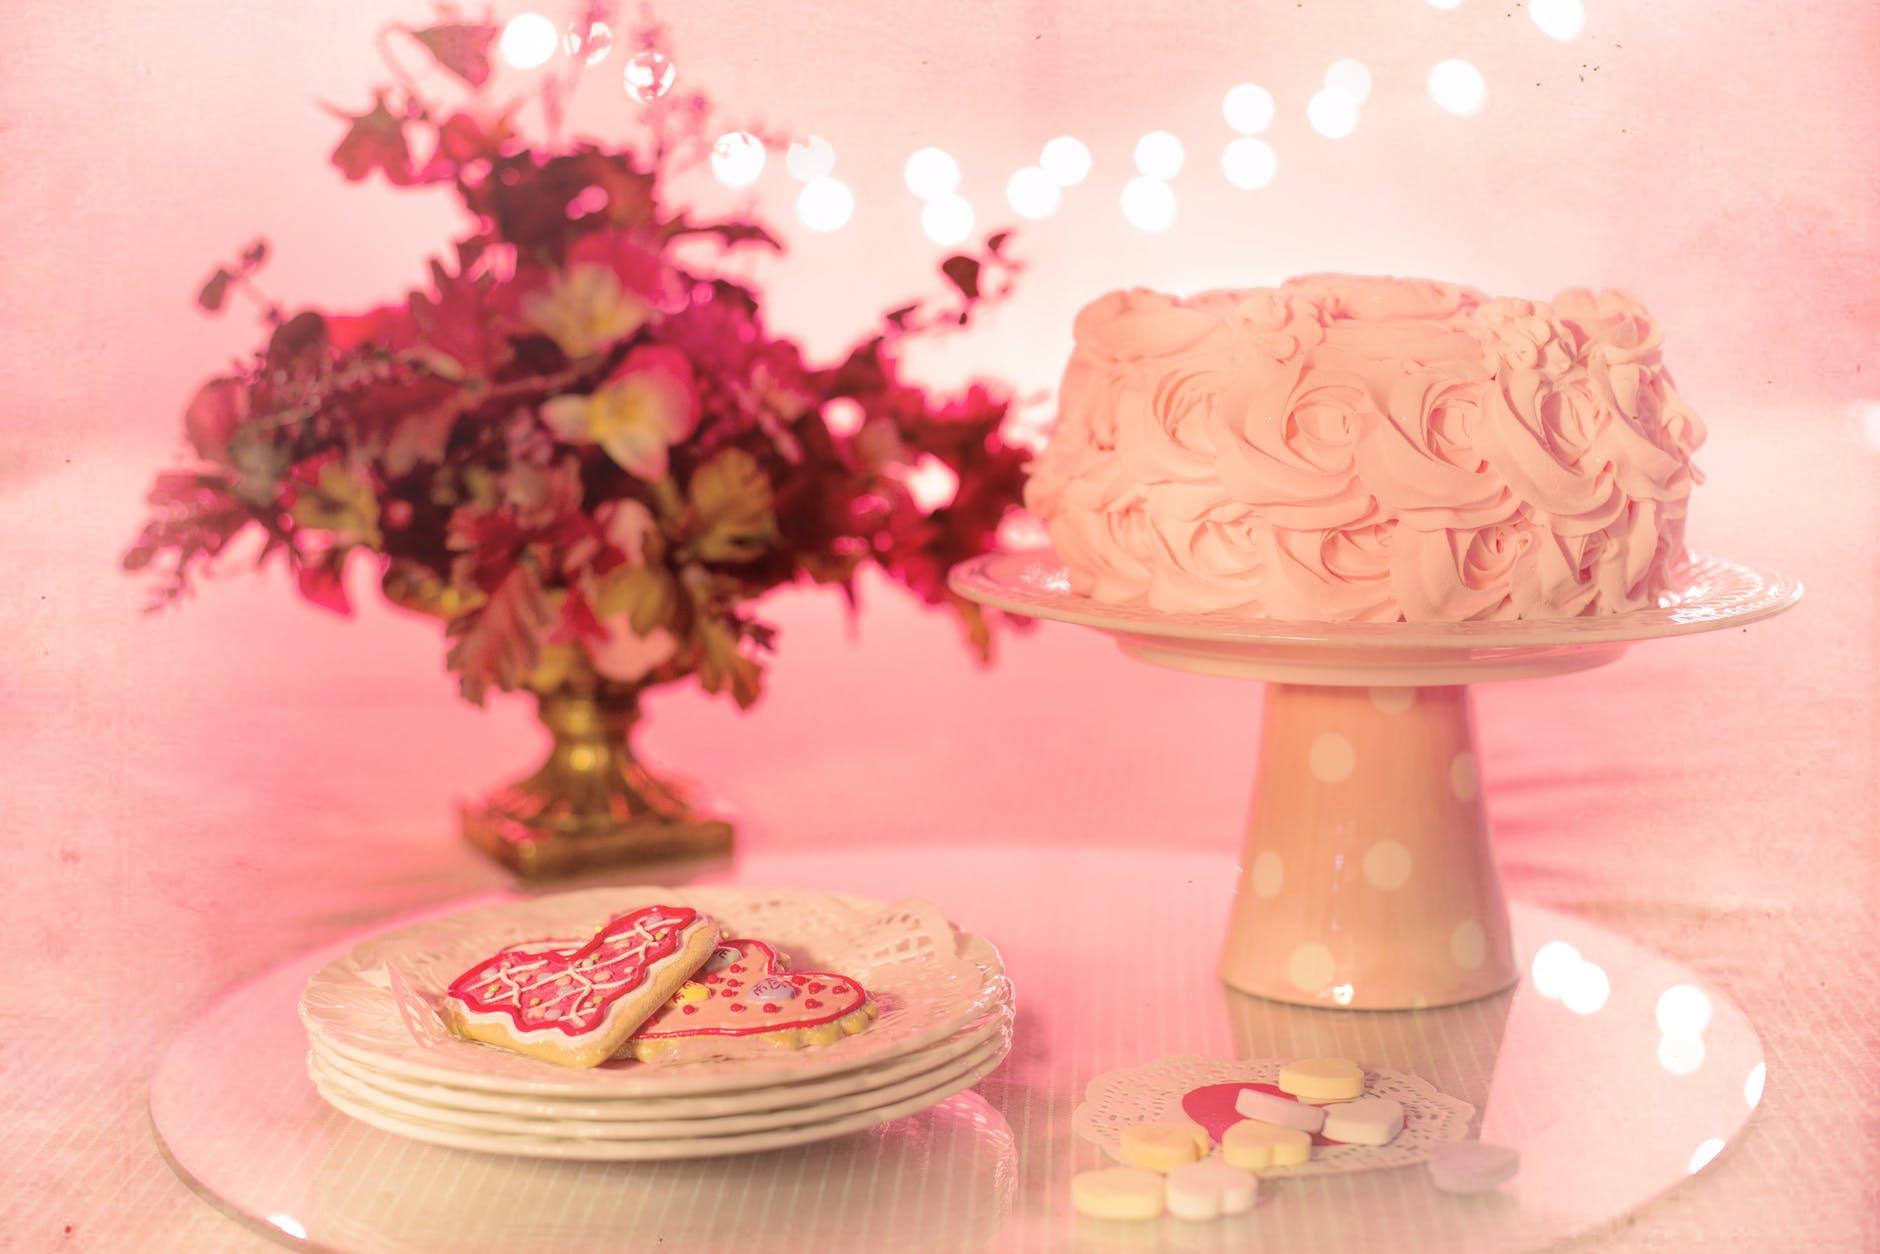 baked beautiful birthday birthday cake